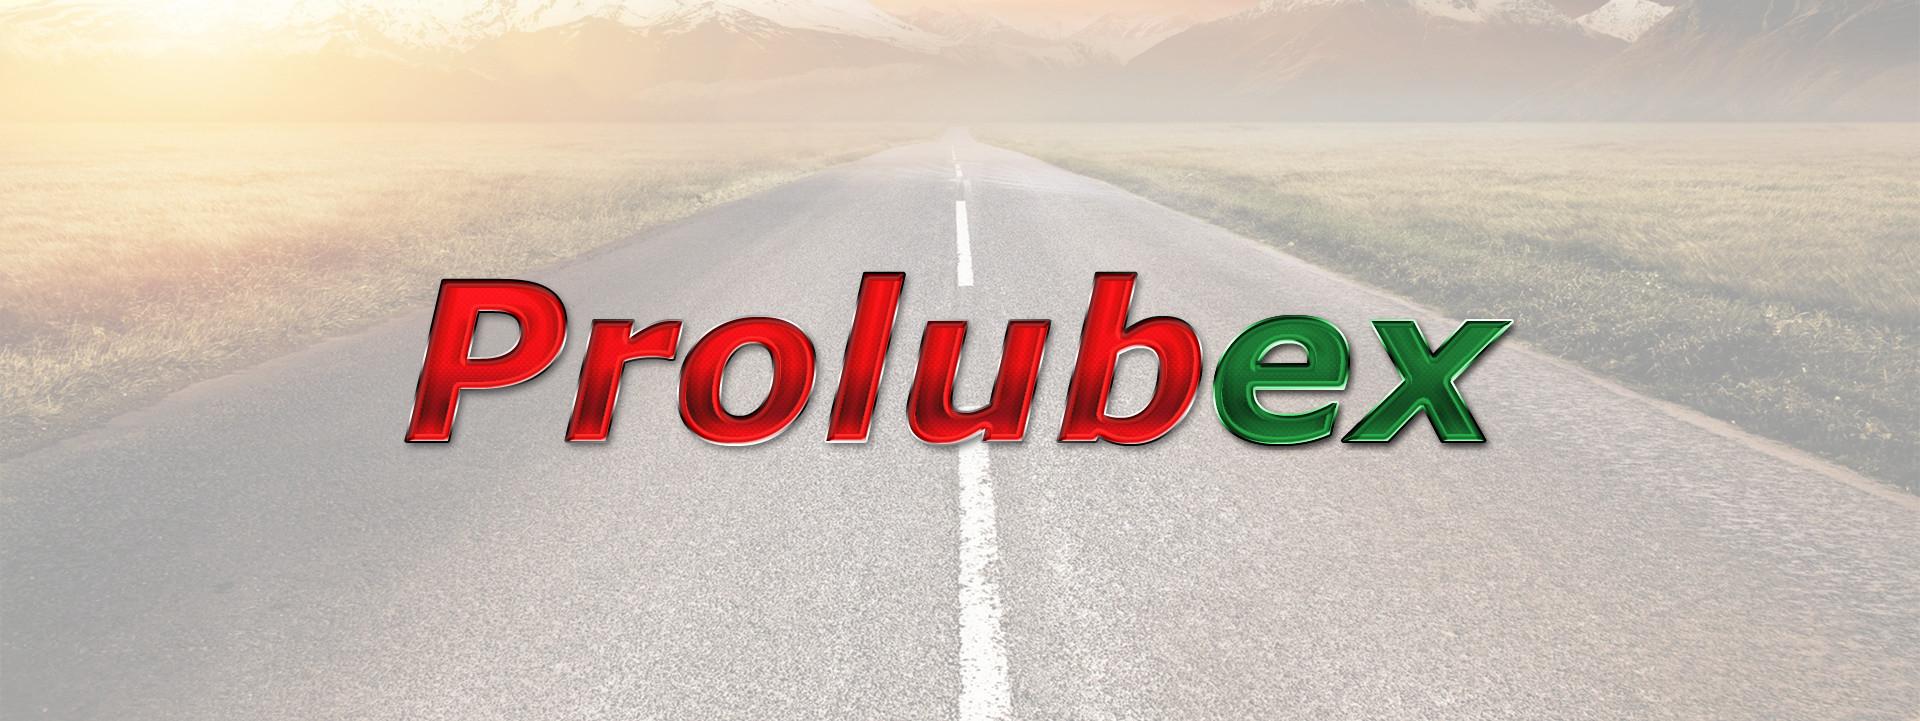 prolubex-slide-01